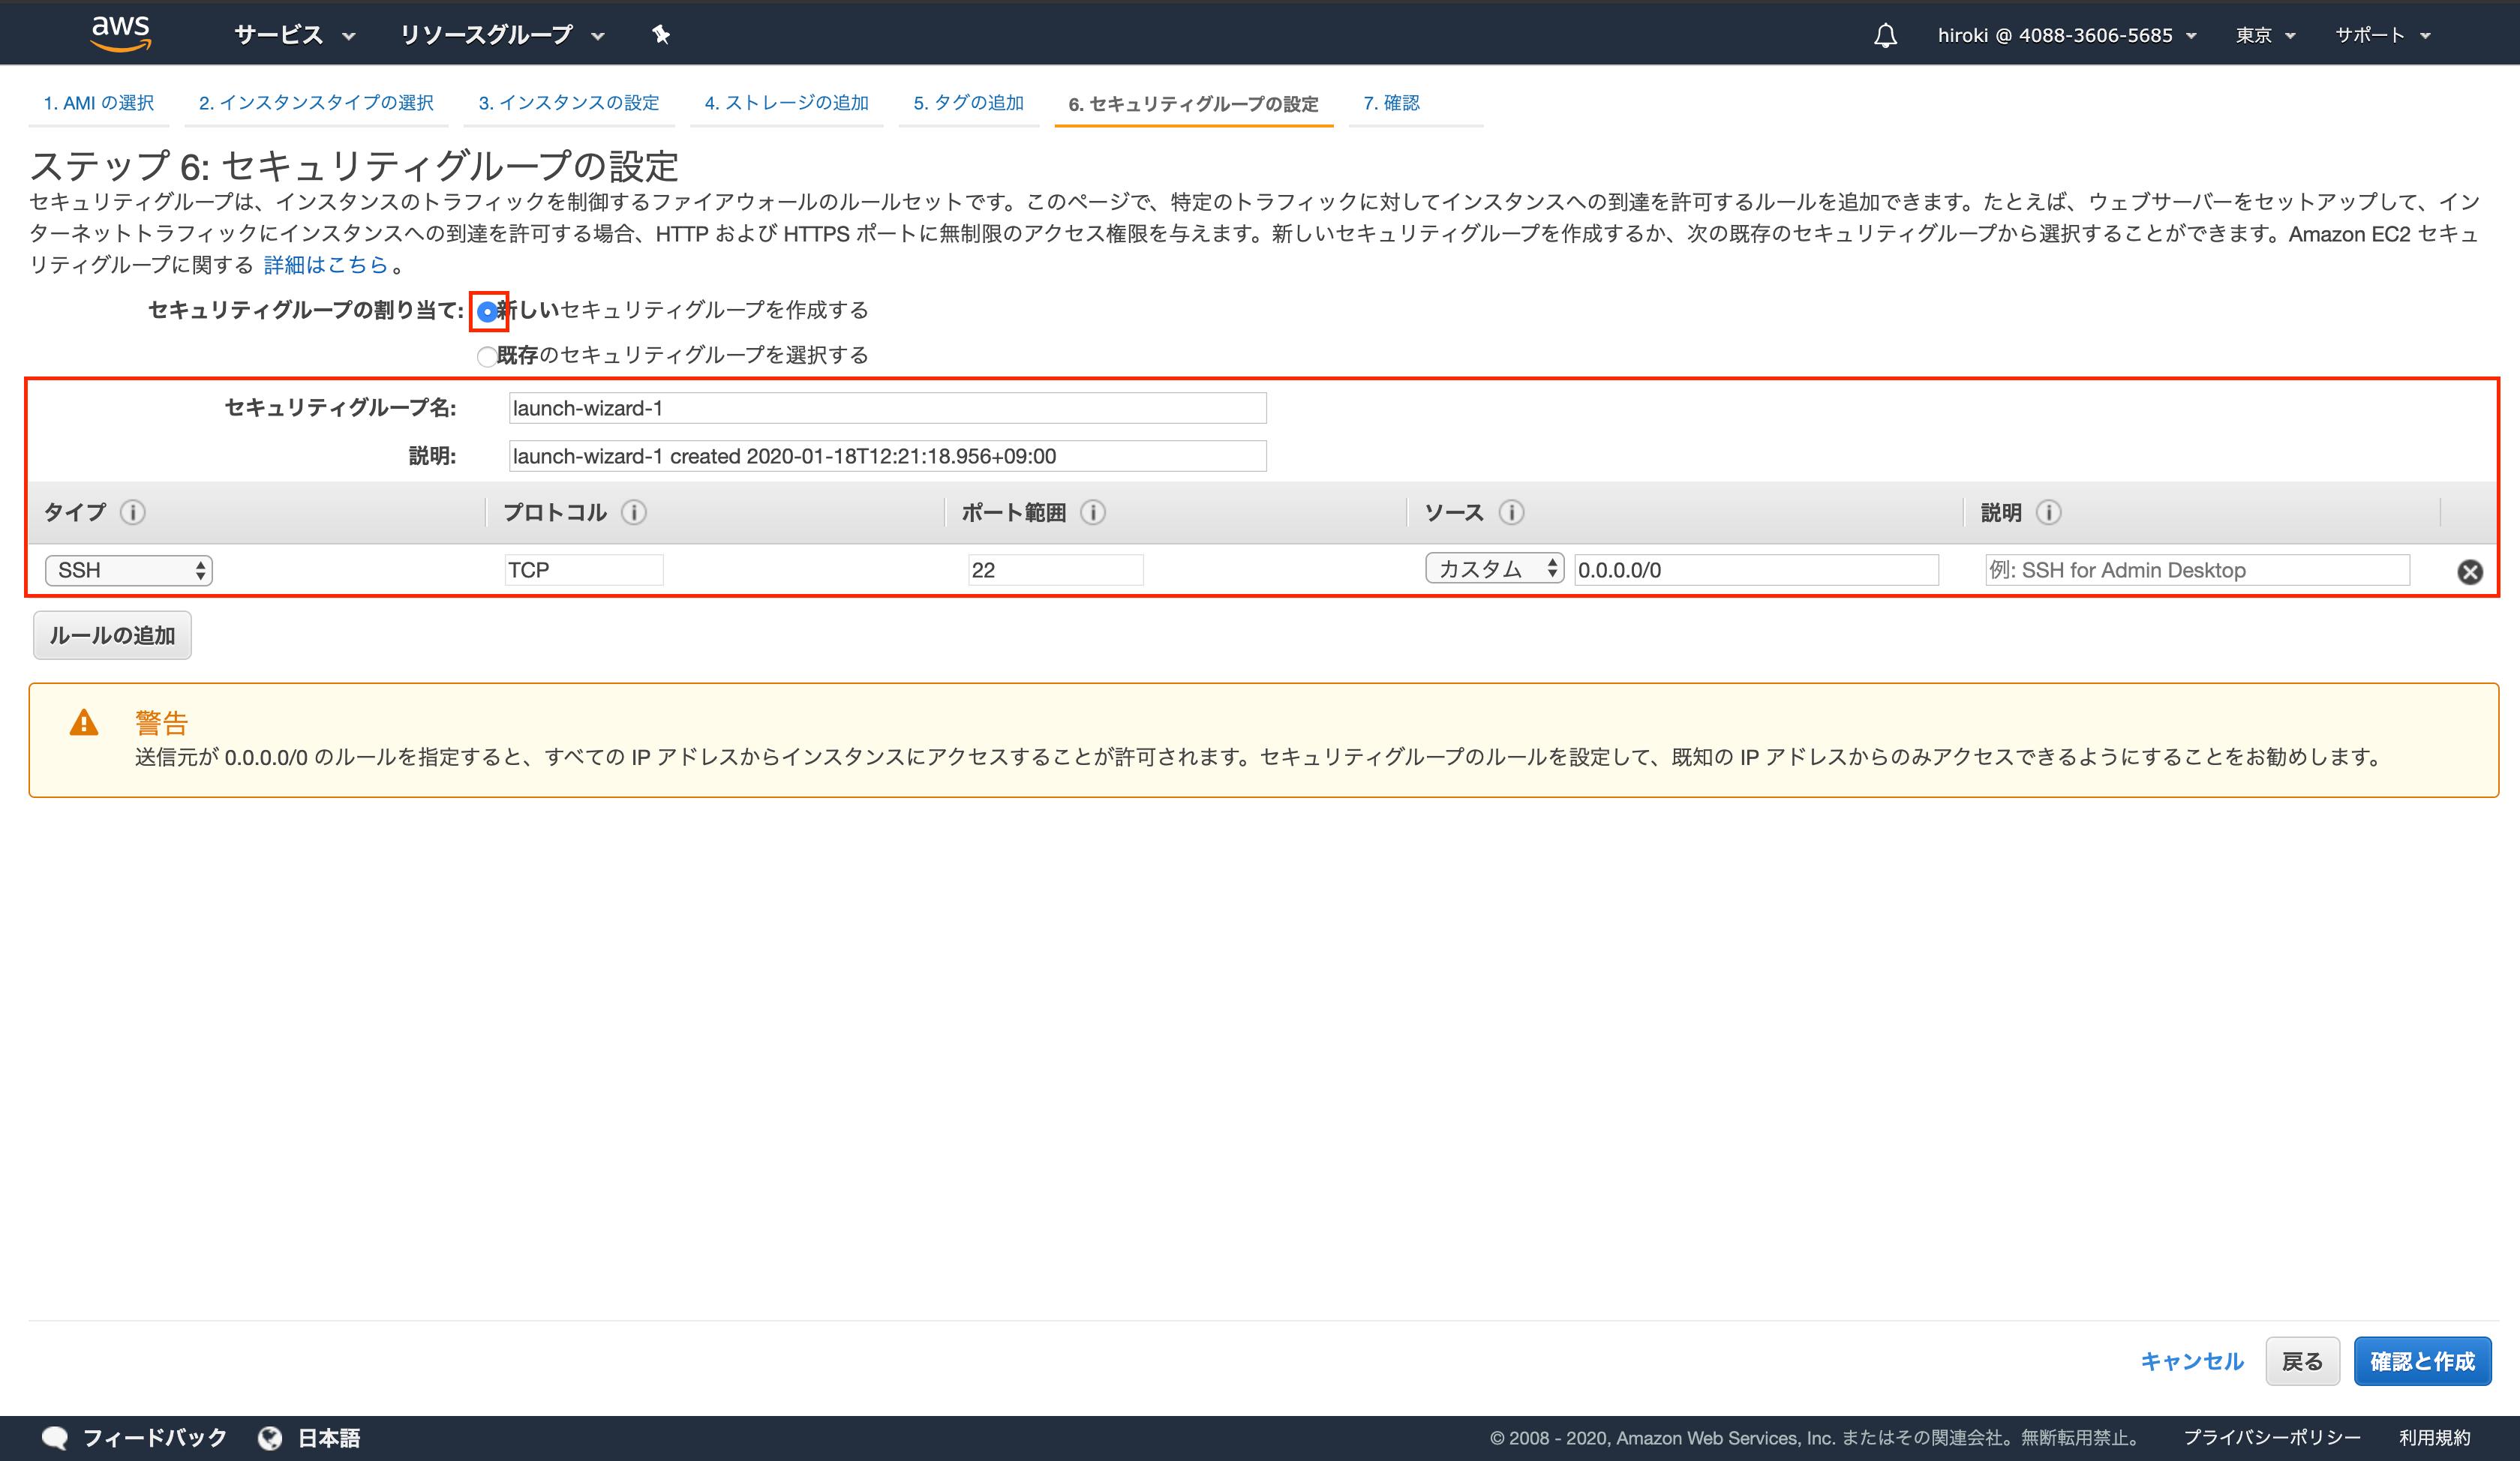 スクリーンショット 2020-01-18 13.10.34.png